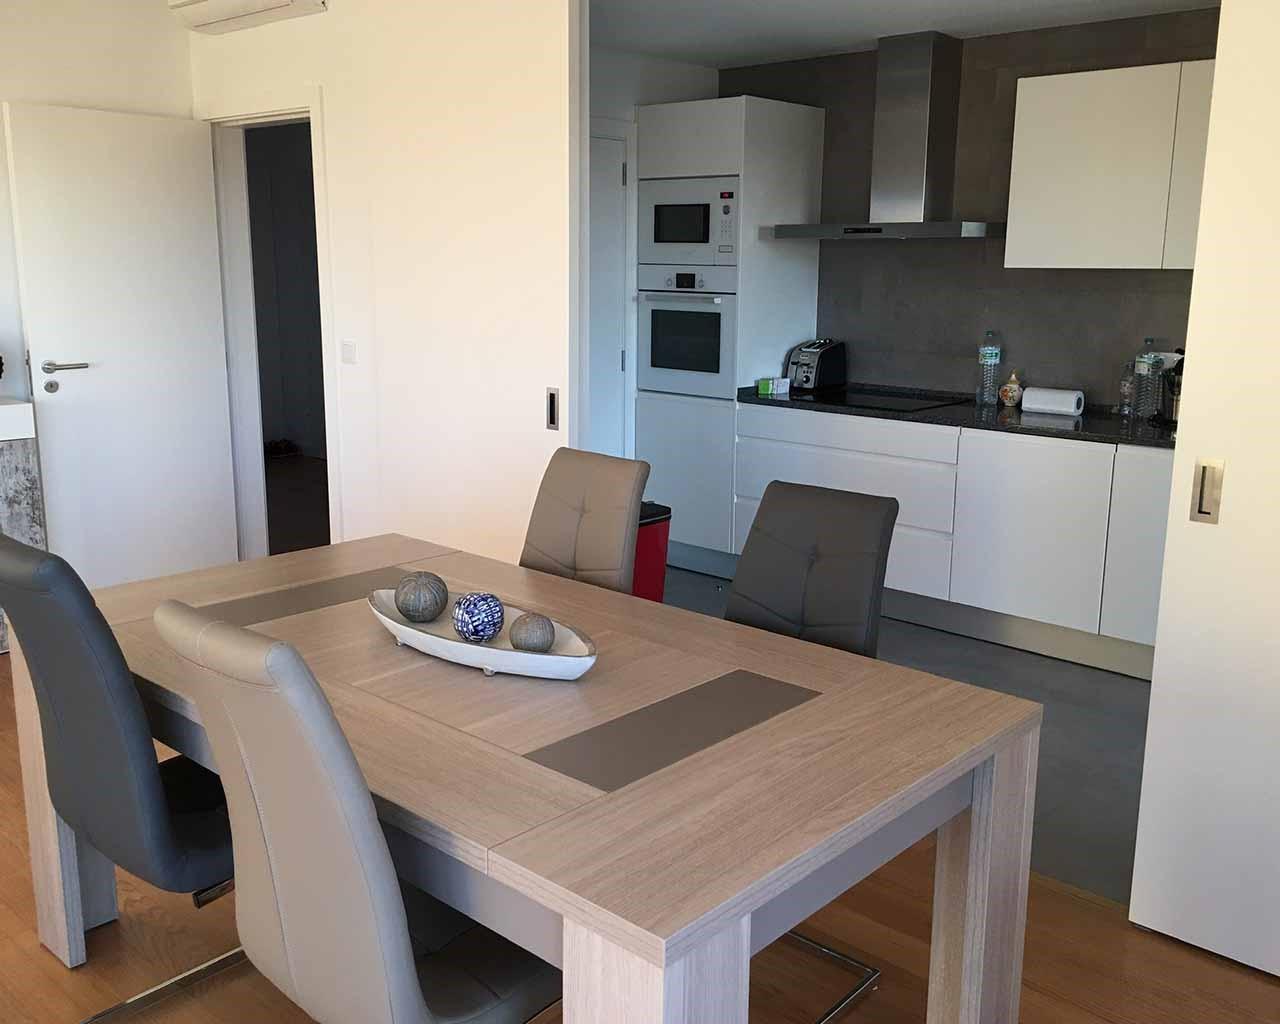 Lux_Terrace_17_2B - Salle à manger + cuisine